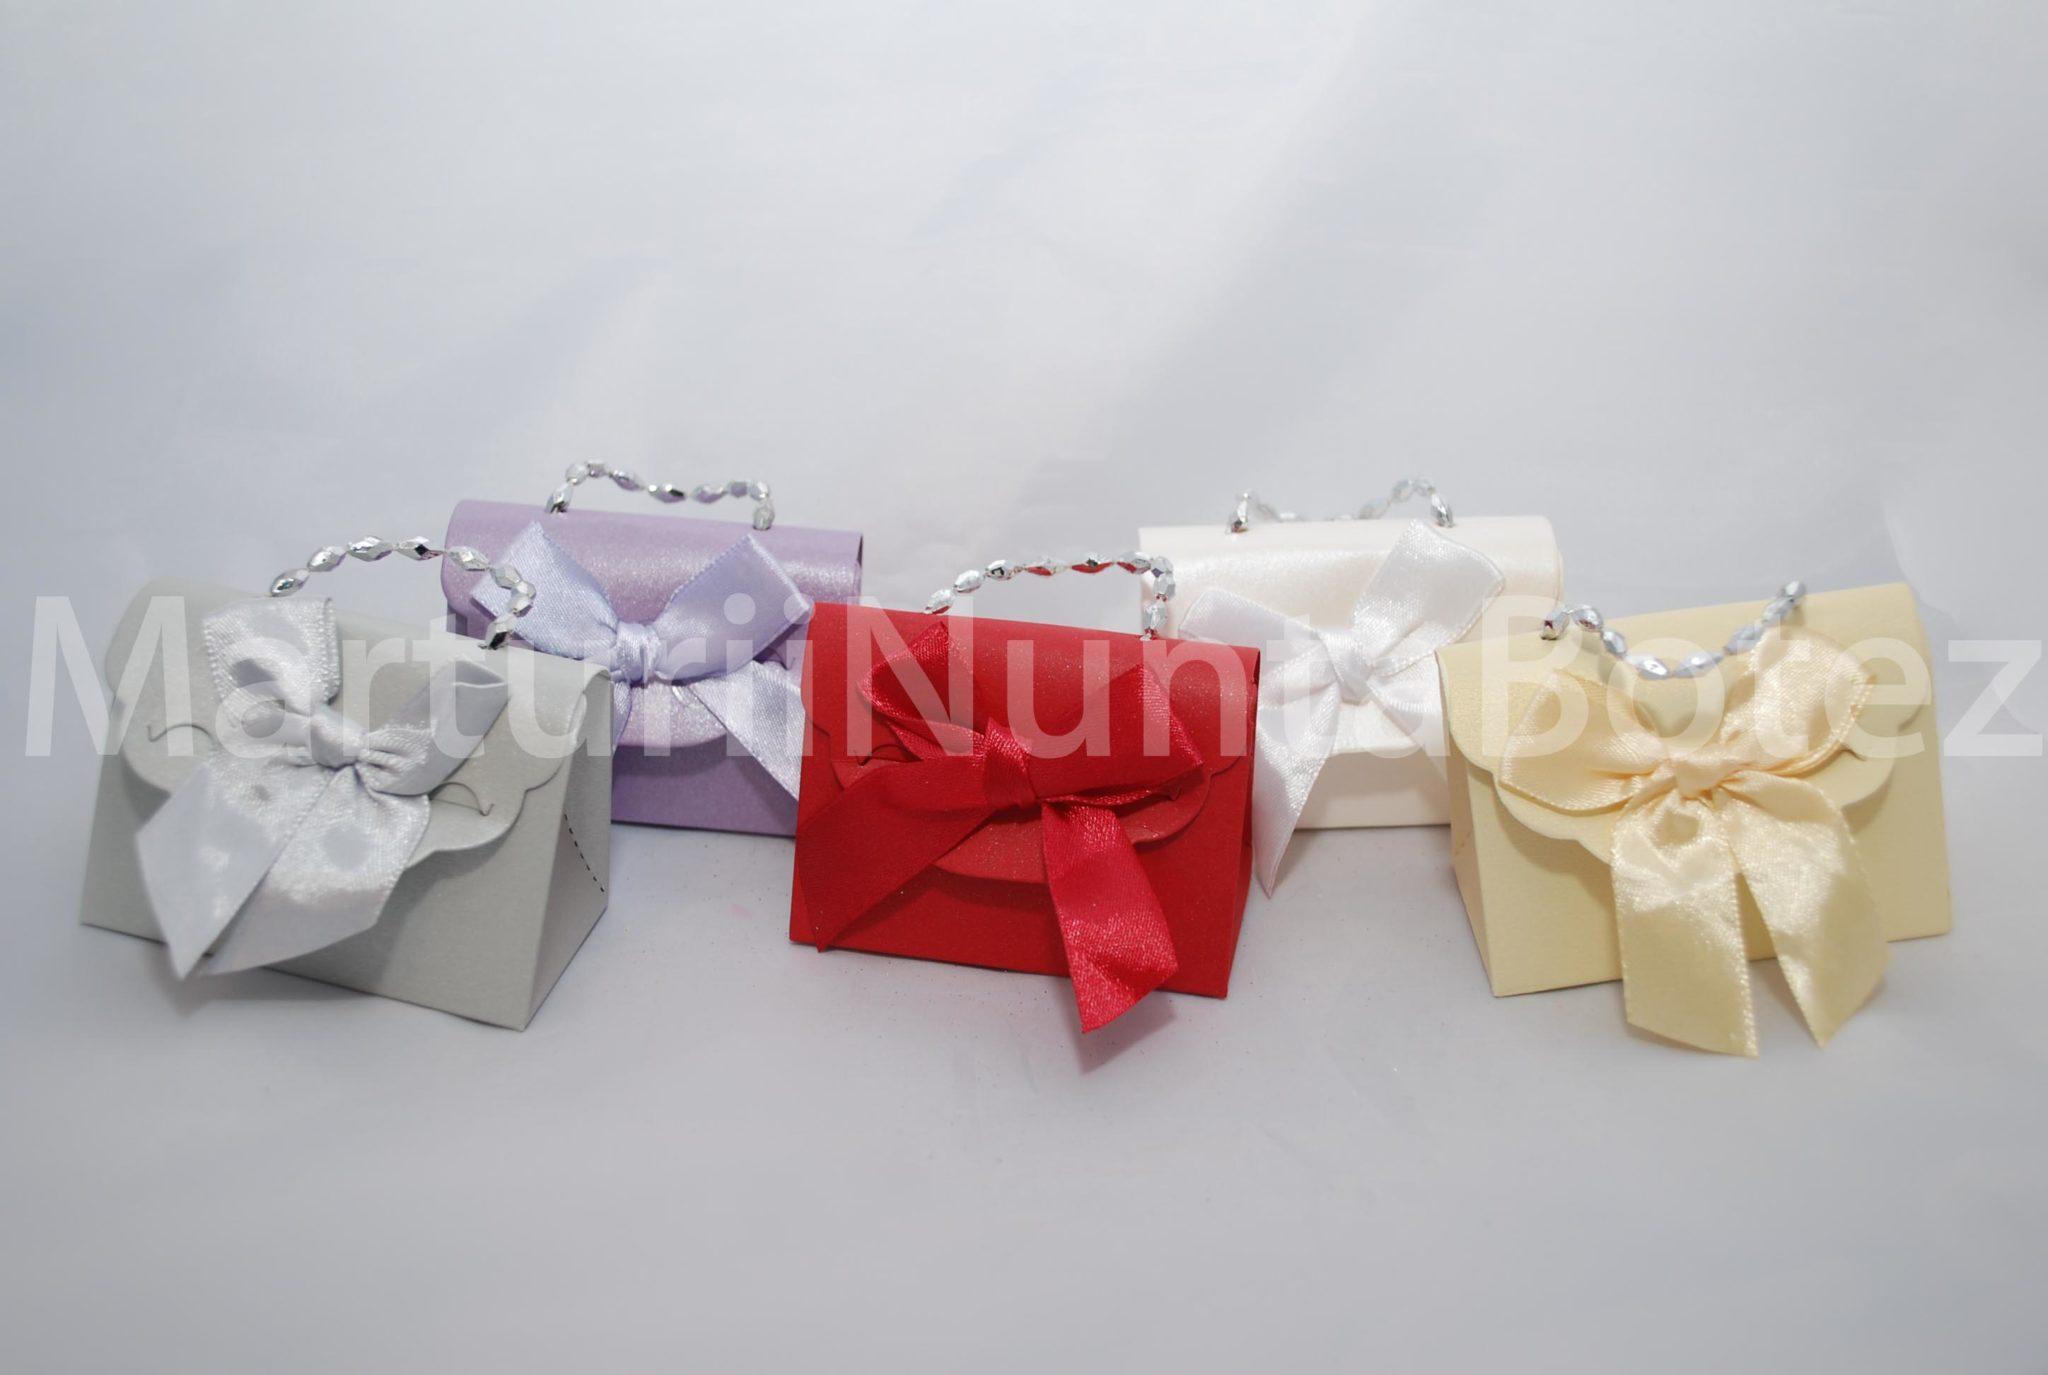 marturii_nunta_marturie_botez_cutie_carton_forma_gentuta_cinci_culori1